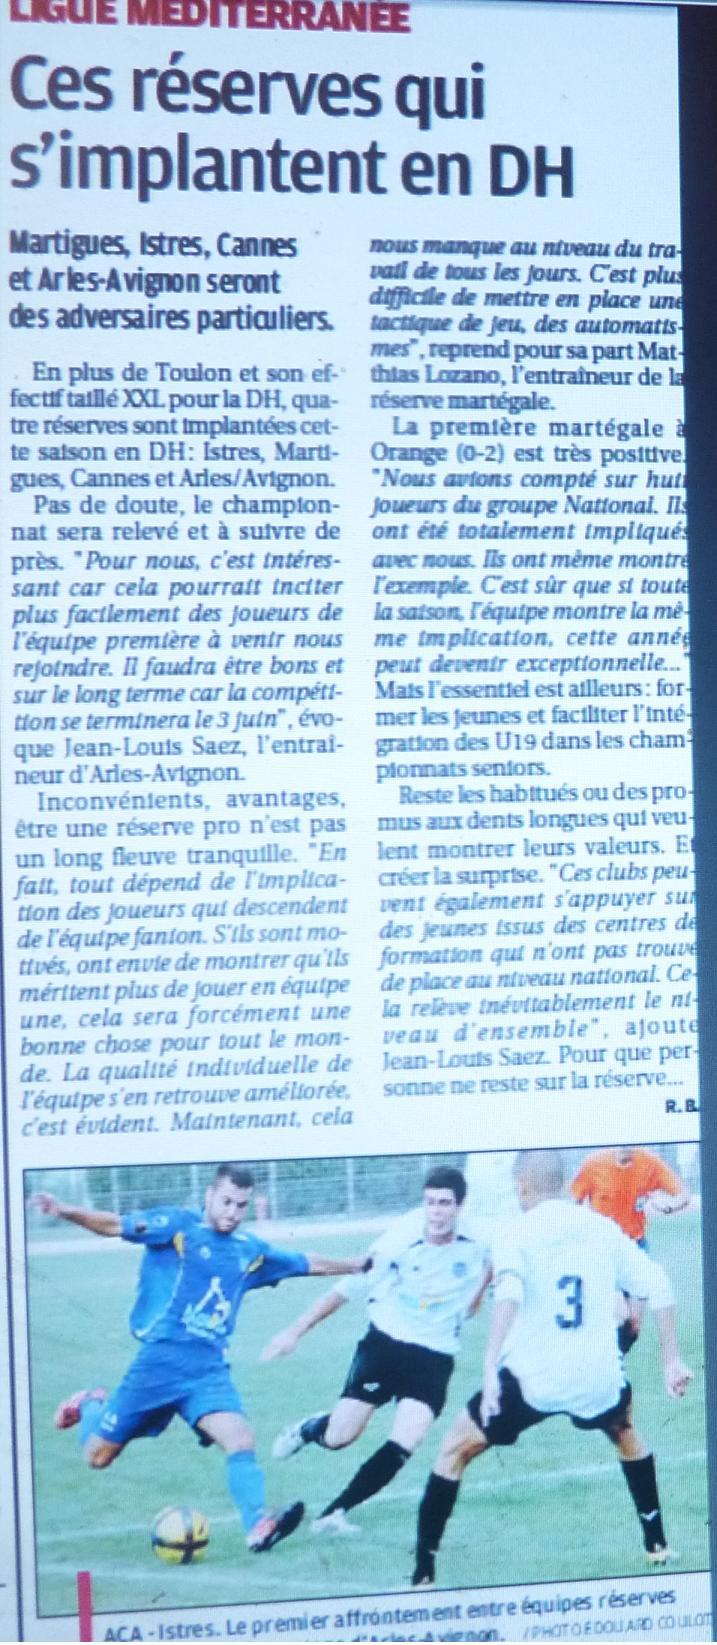 LIGUE DE MEDITERRANEE DE FOOTBALL  - Page 2 P1220118